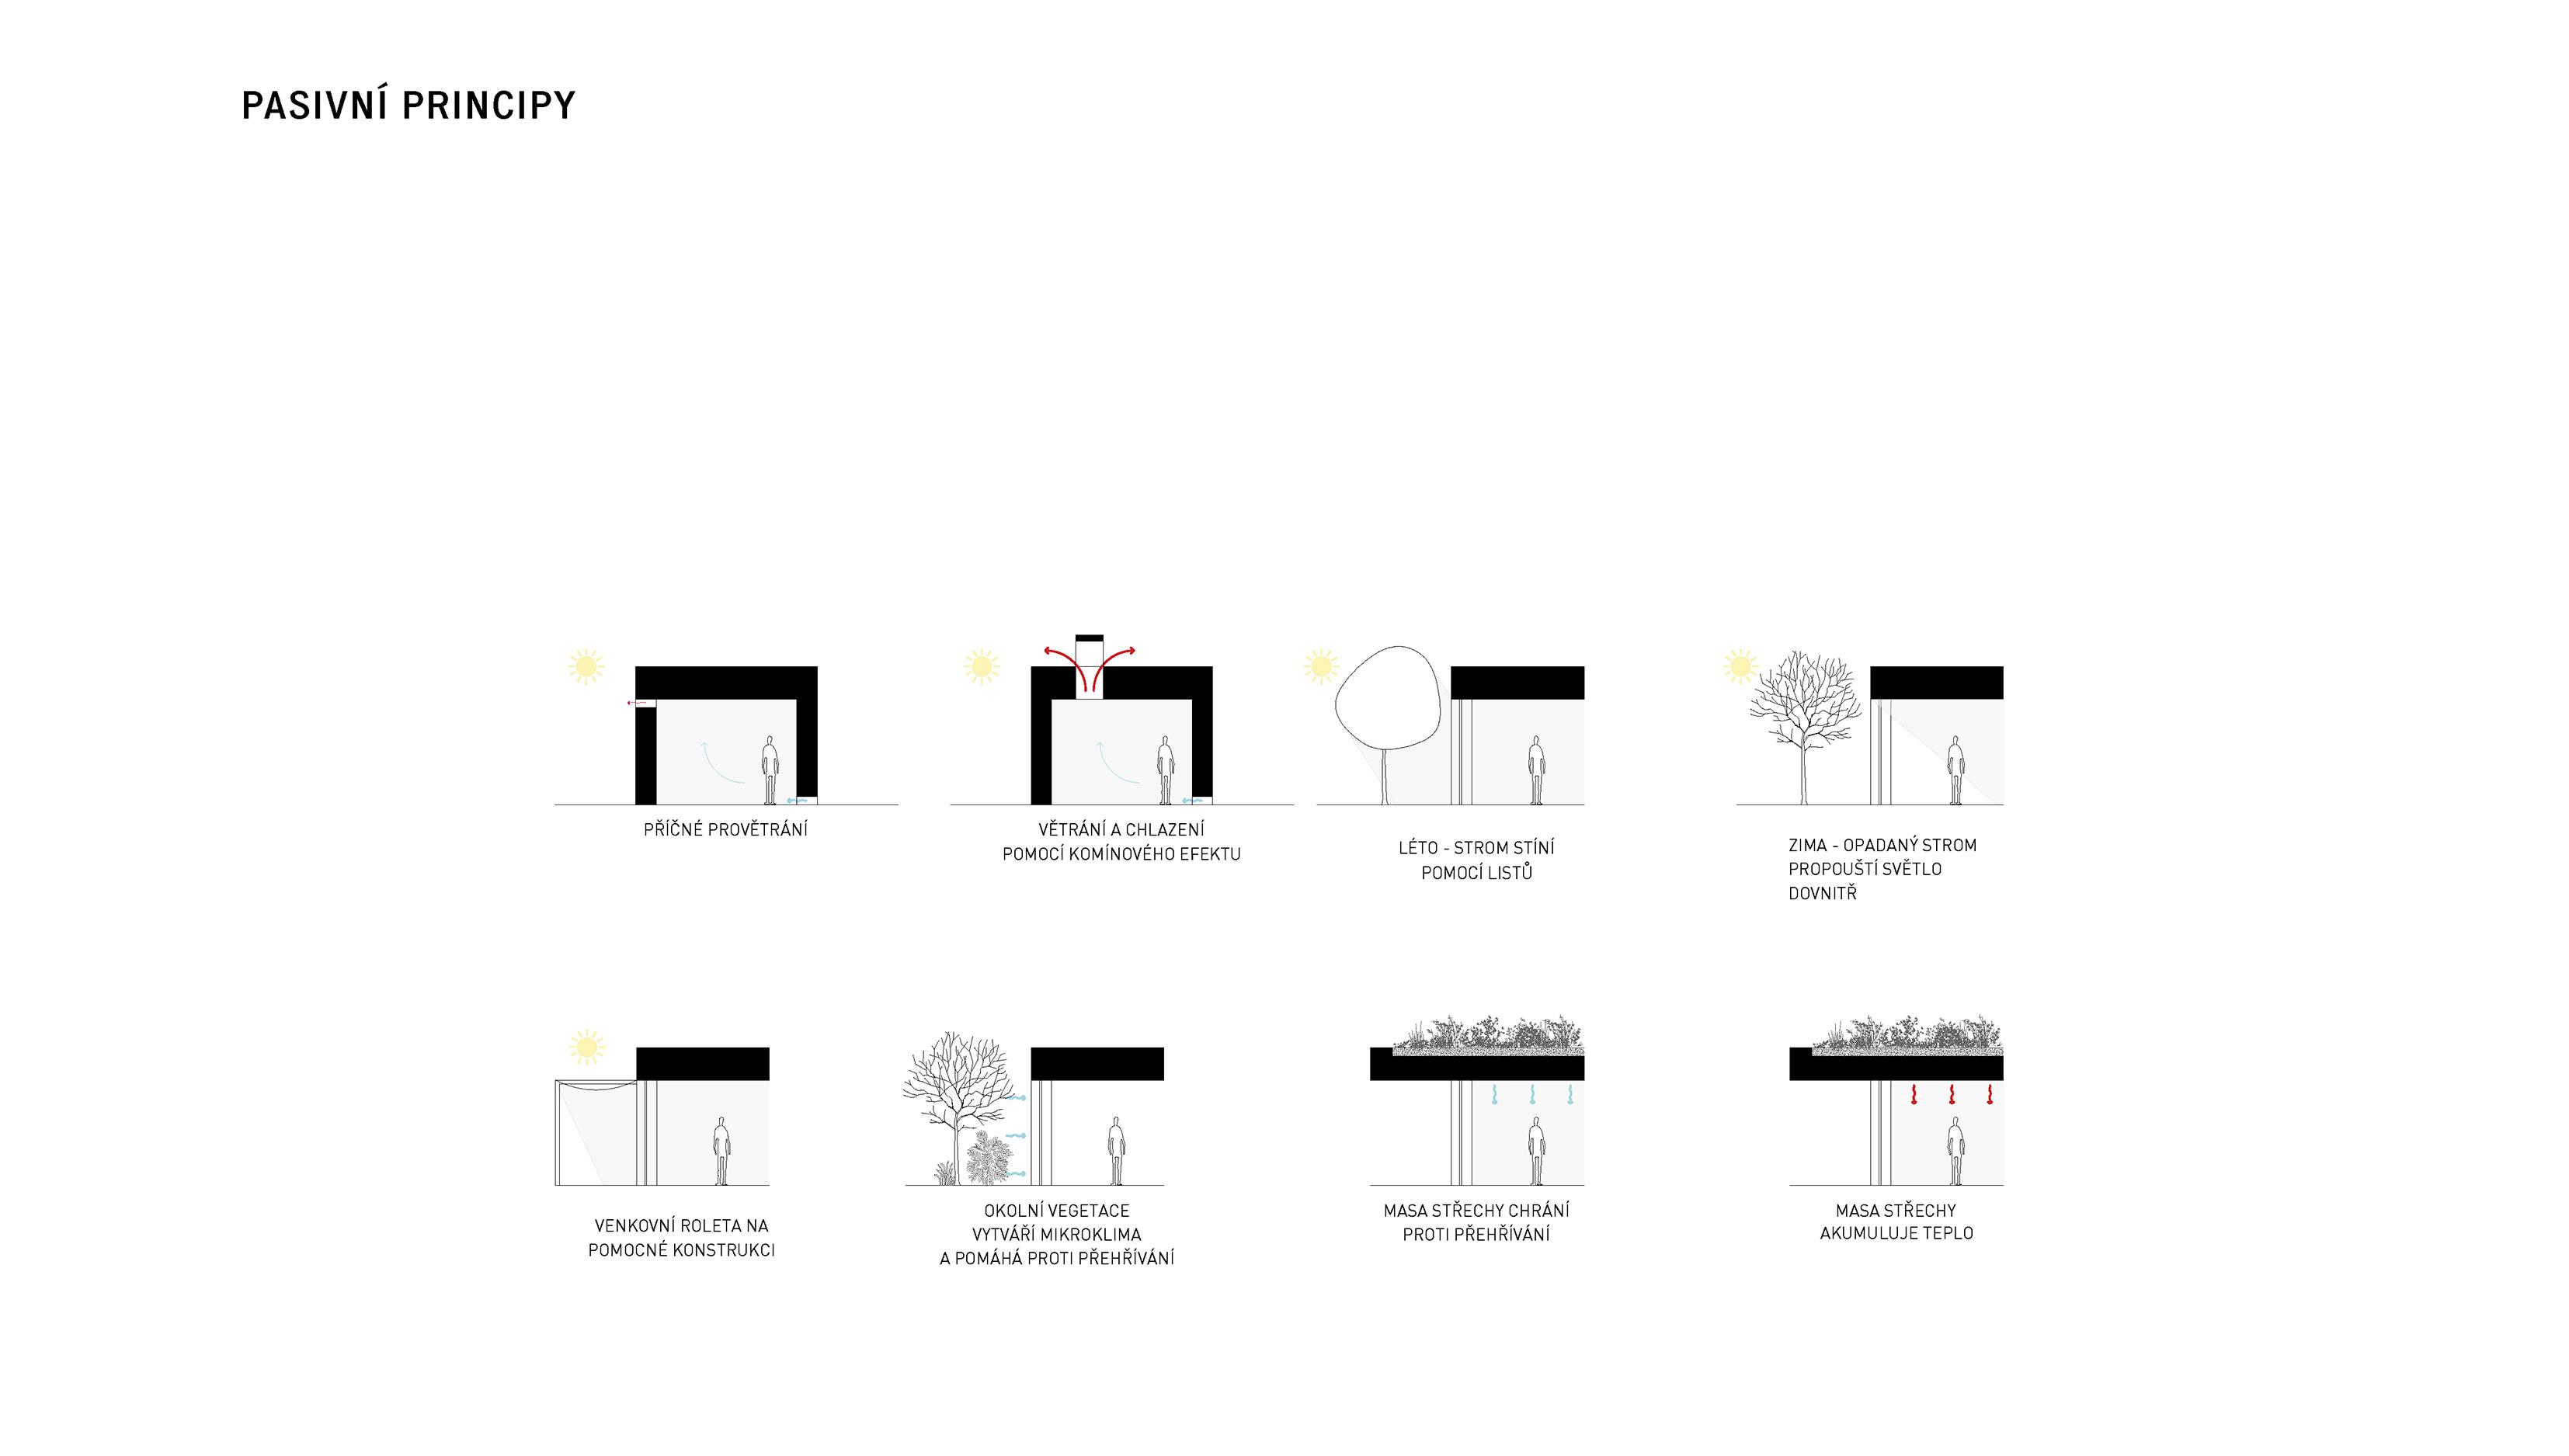 layout_case_0001_200605_Zdrave-domy_chkau_Page_19